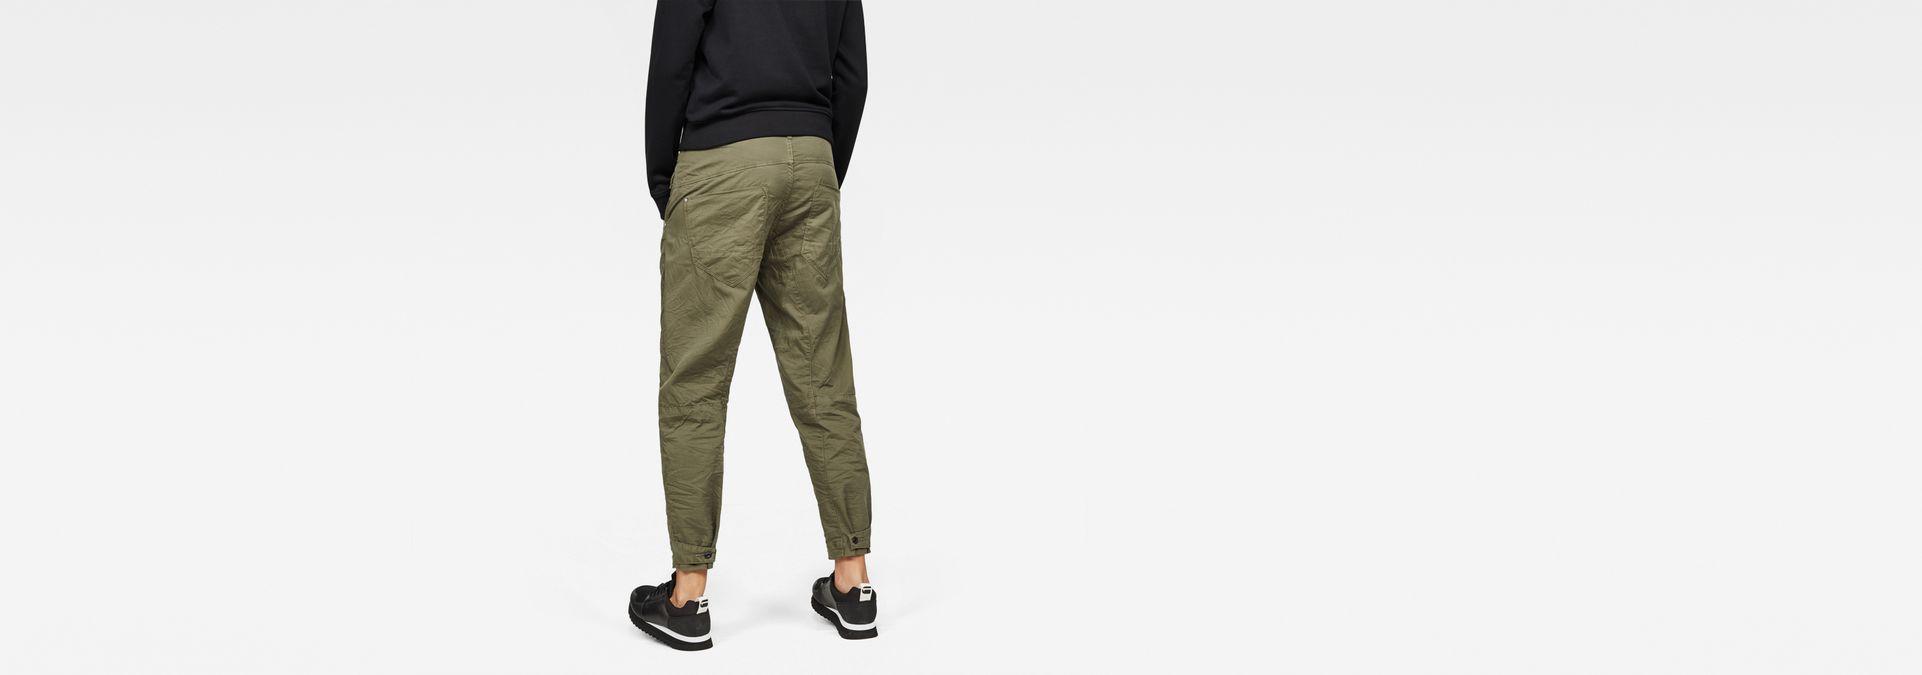 2afd26ec590 ... G-Star RAW® Army Radar Mid Boyfriend Pants Green model back ...